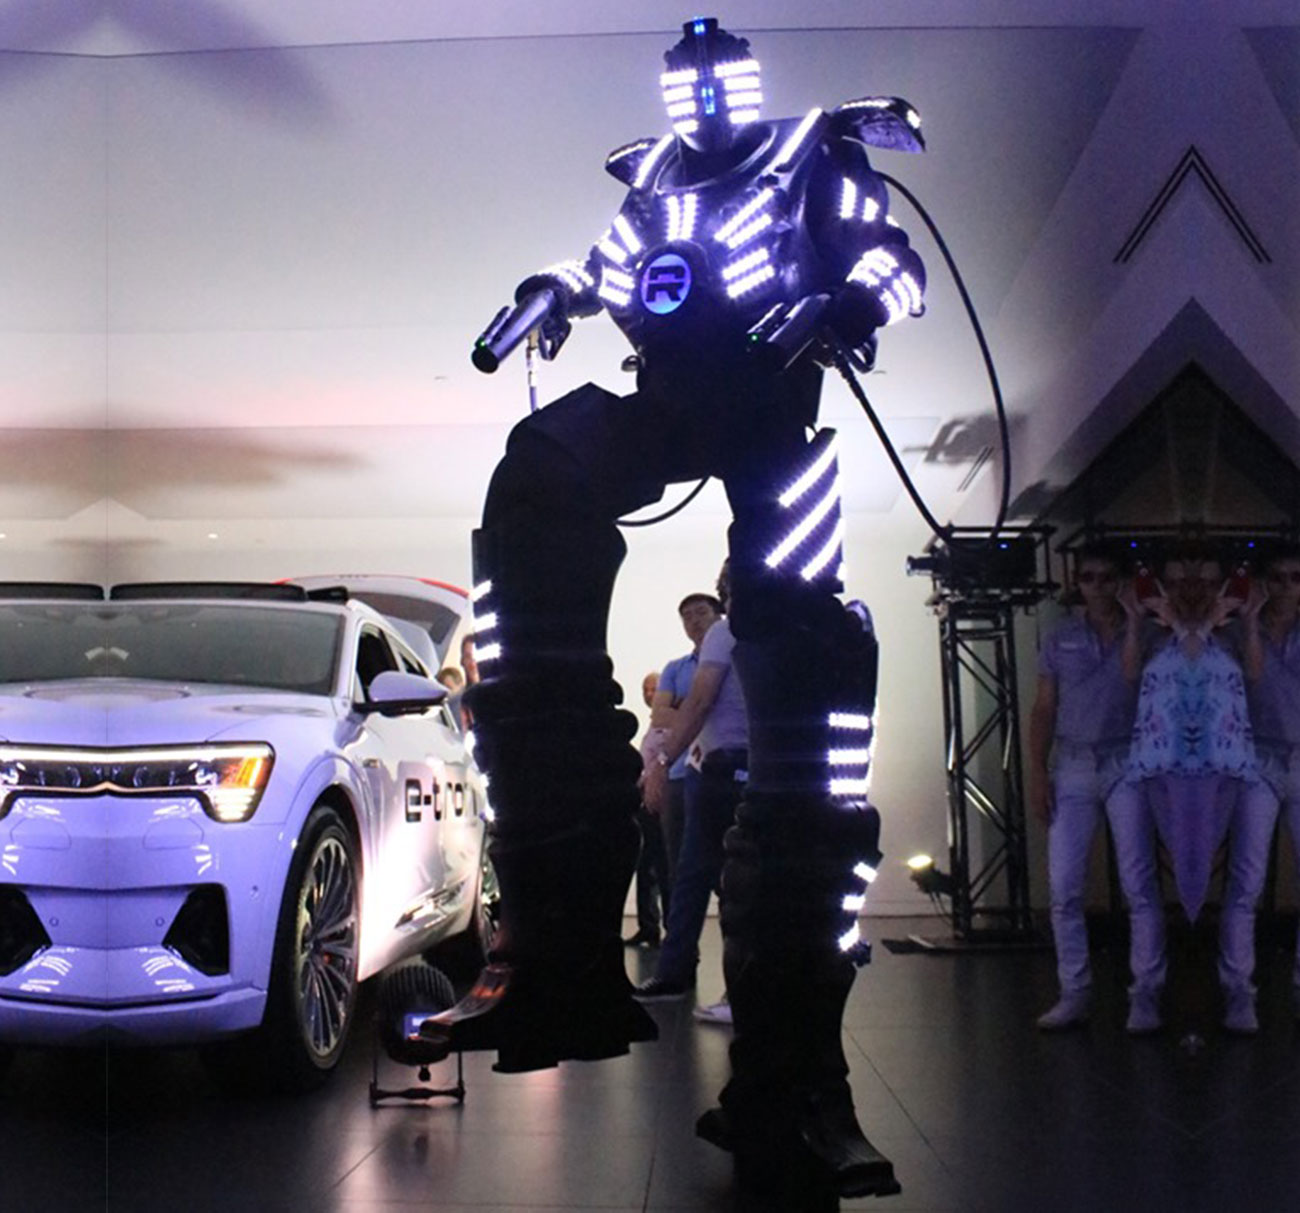 J-Tron the Epic Robot